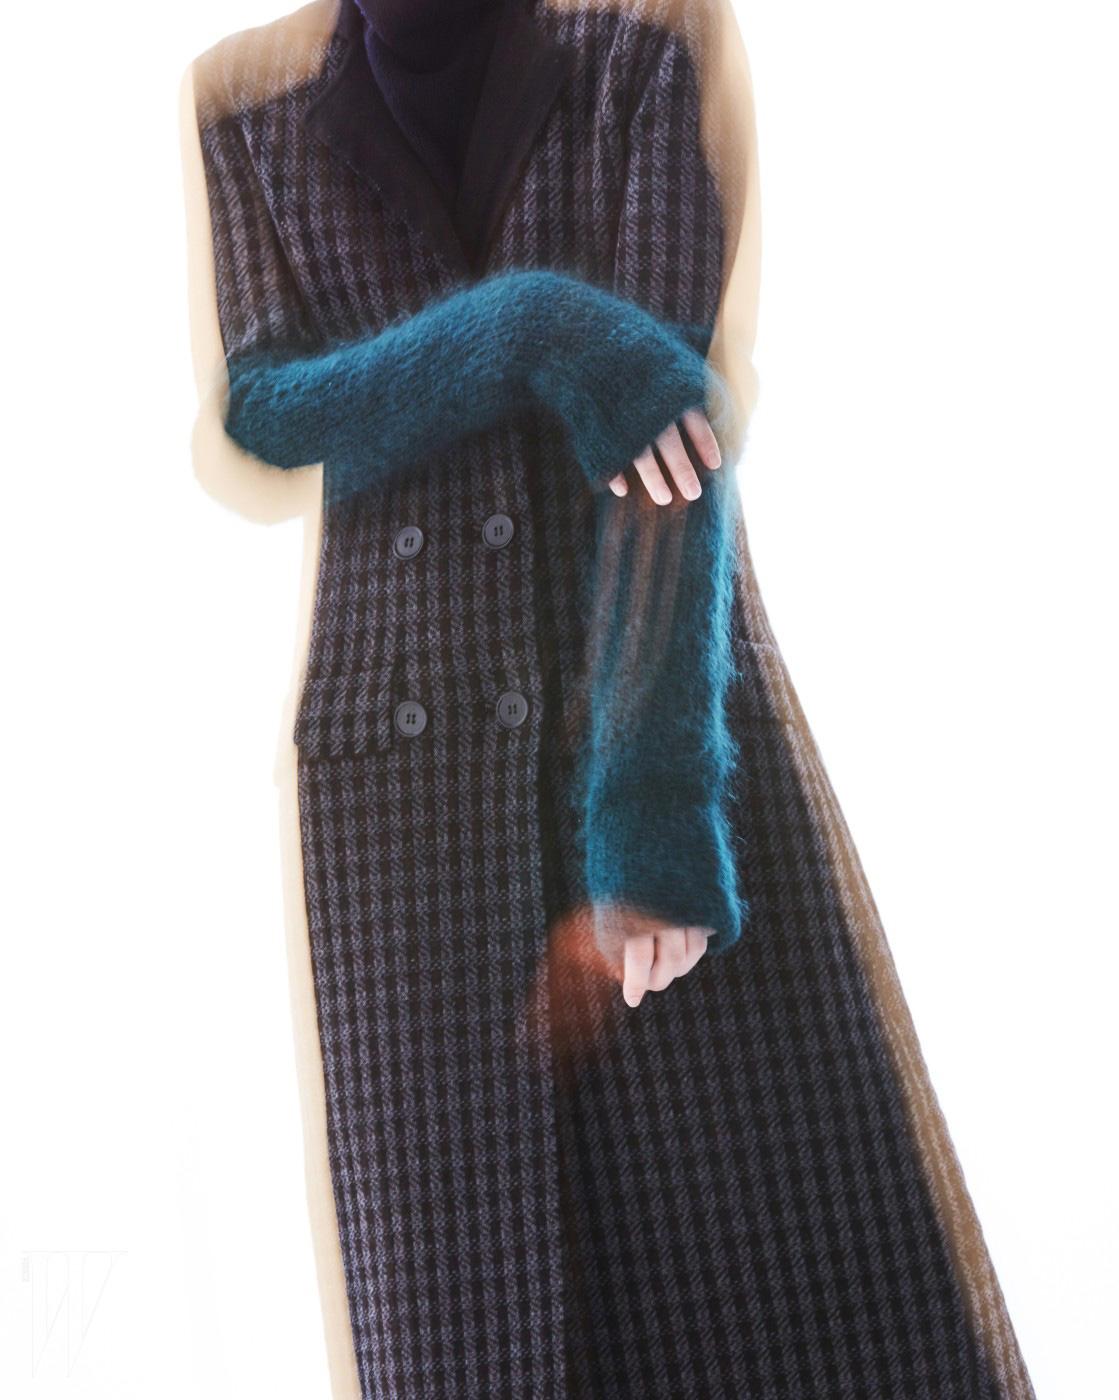 클래식한 체크 코트는 보테가 베네타 제품. 가격 미정. 코트 위에 착용한 청록색 캐시미어 팔 워머는 토즈 제품. 가격 미정.